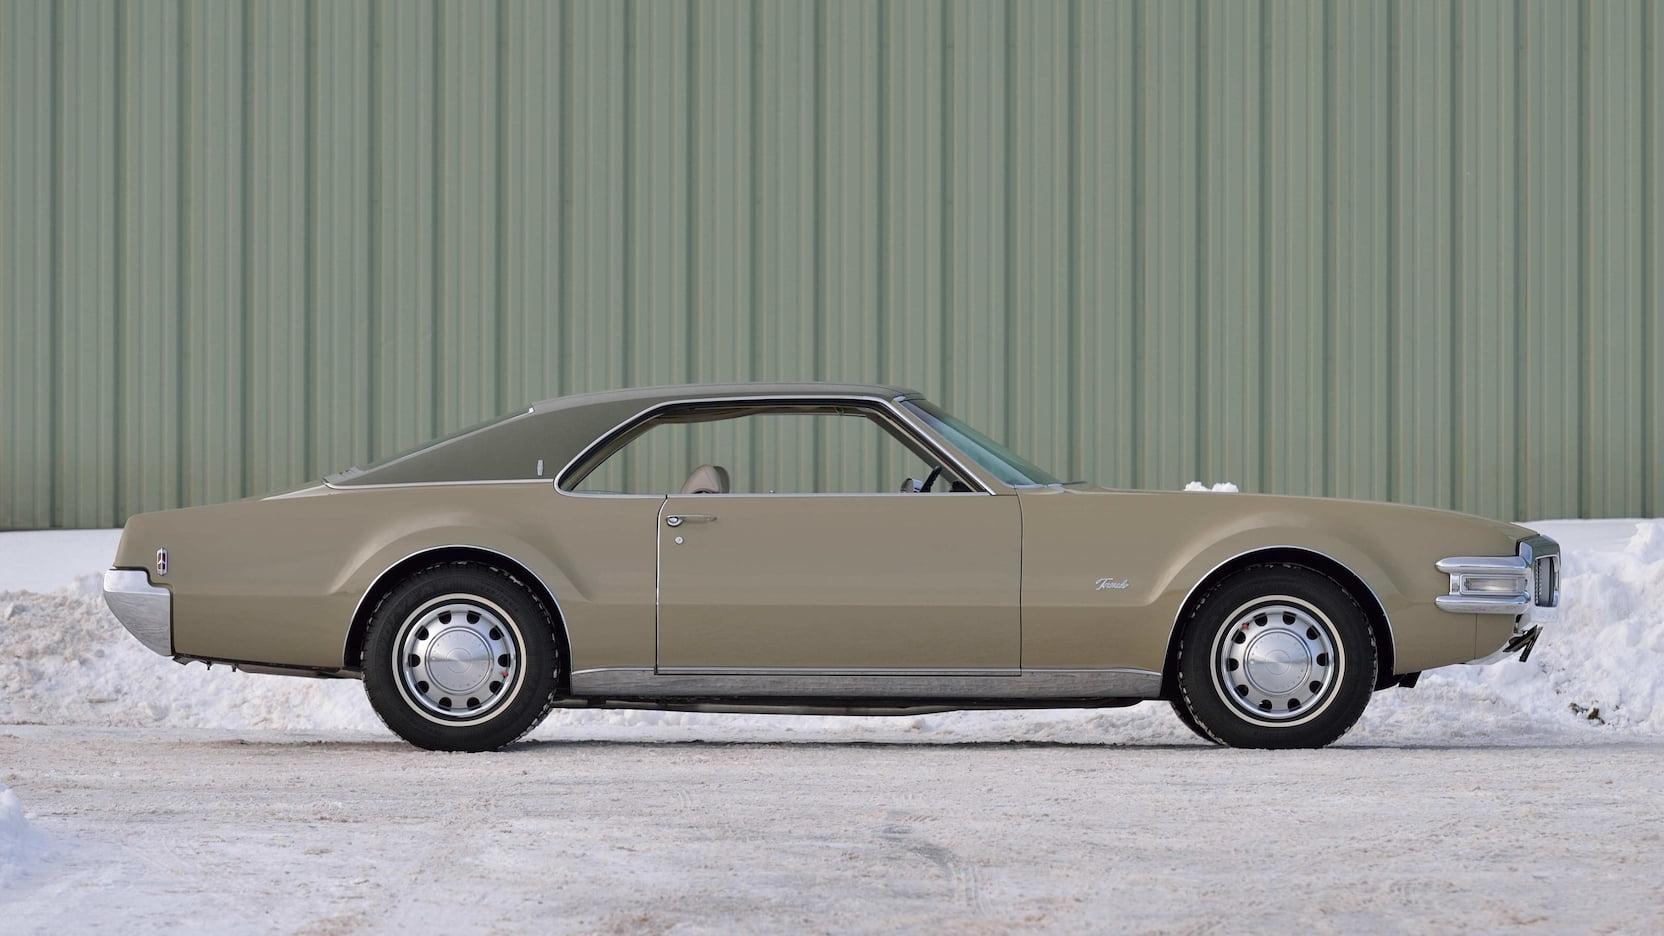 1969 Oldsmobile Toronado side profile